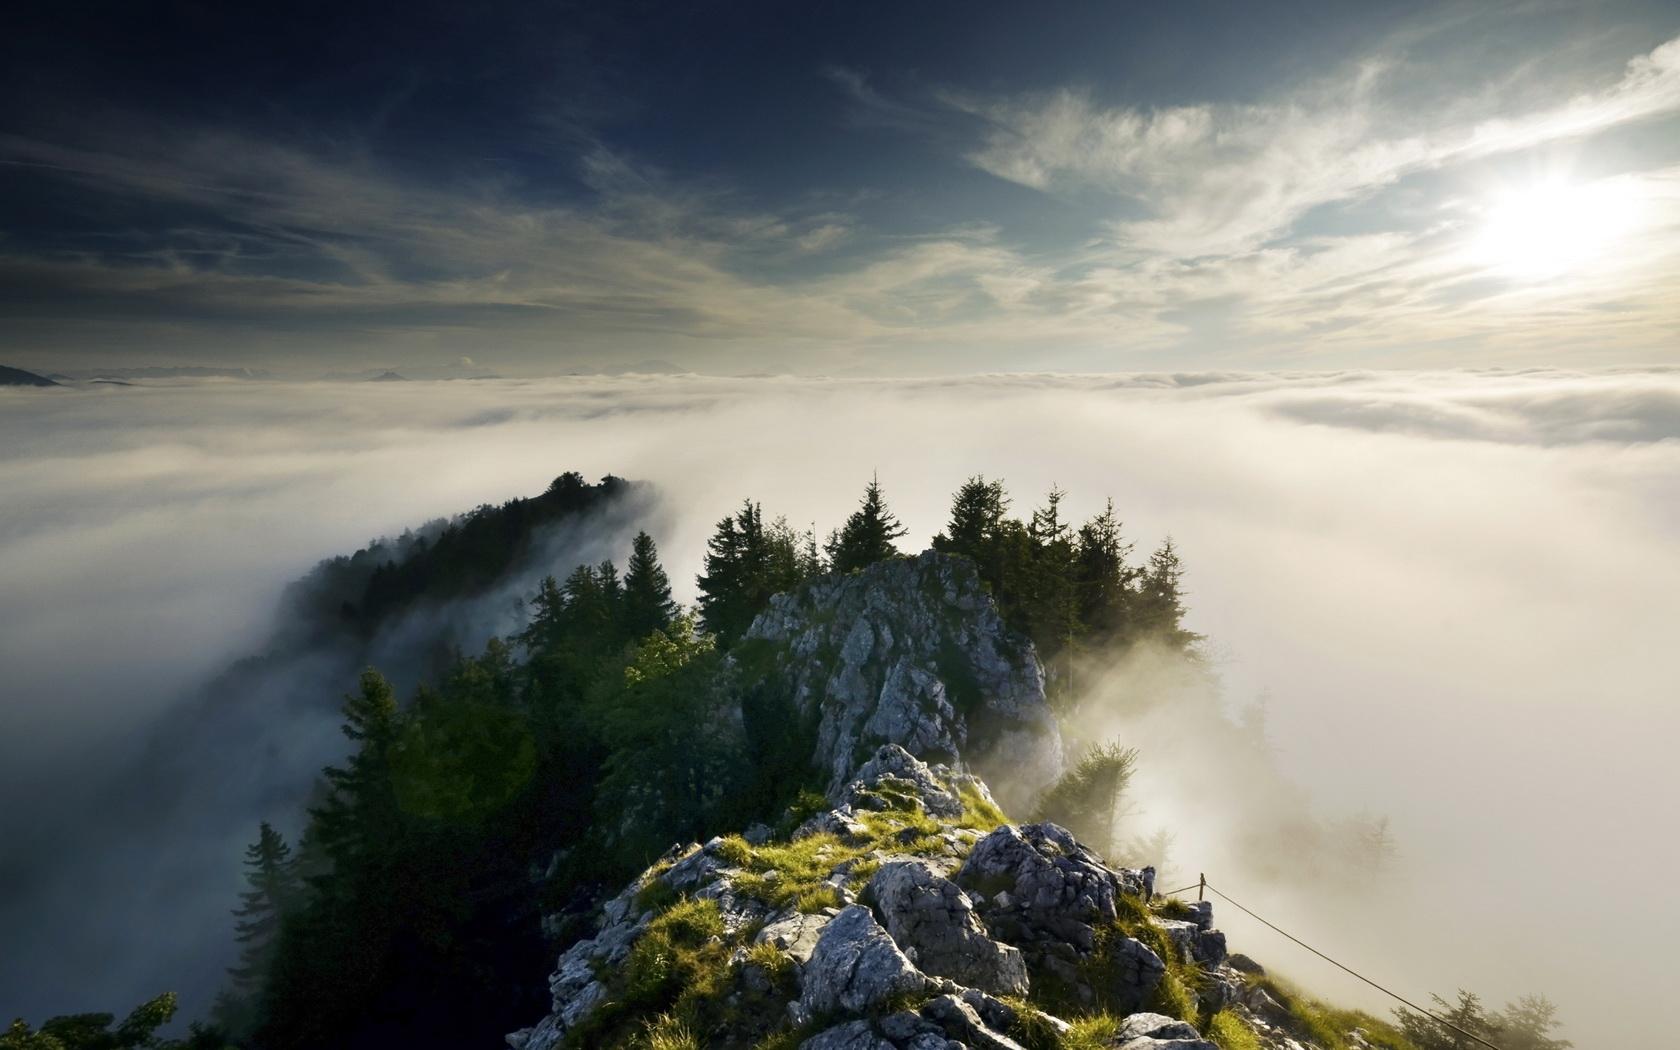 Popular Wallpaper Mountain Fog - dedbf263f39c6fec21873580755ef01b  Gallery_225398.jpg